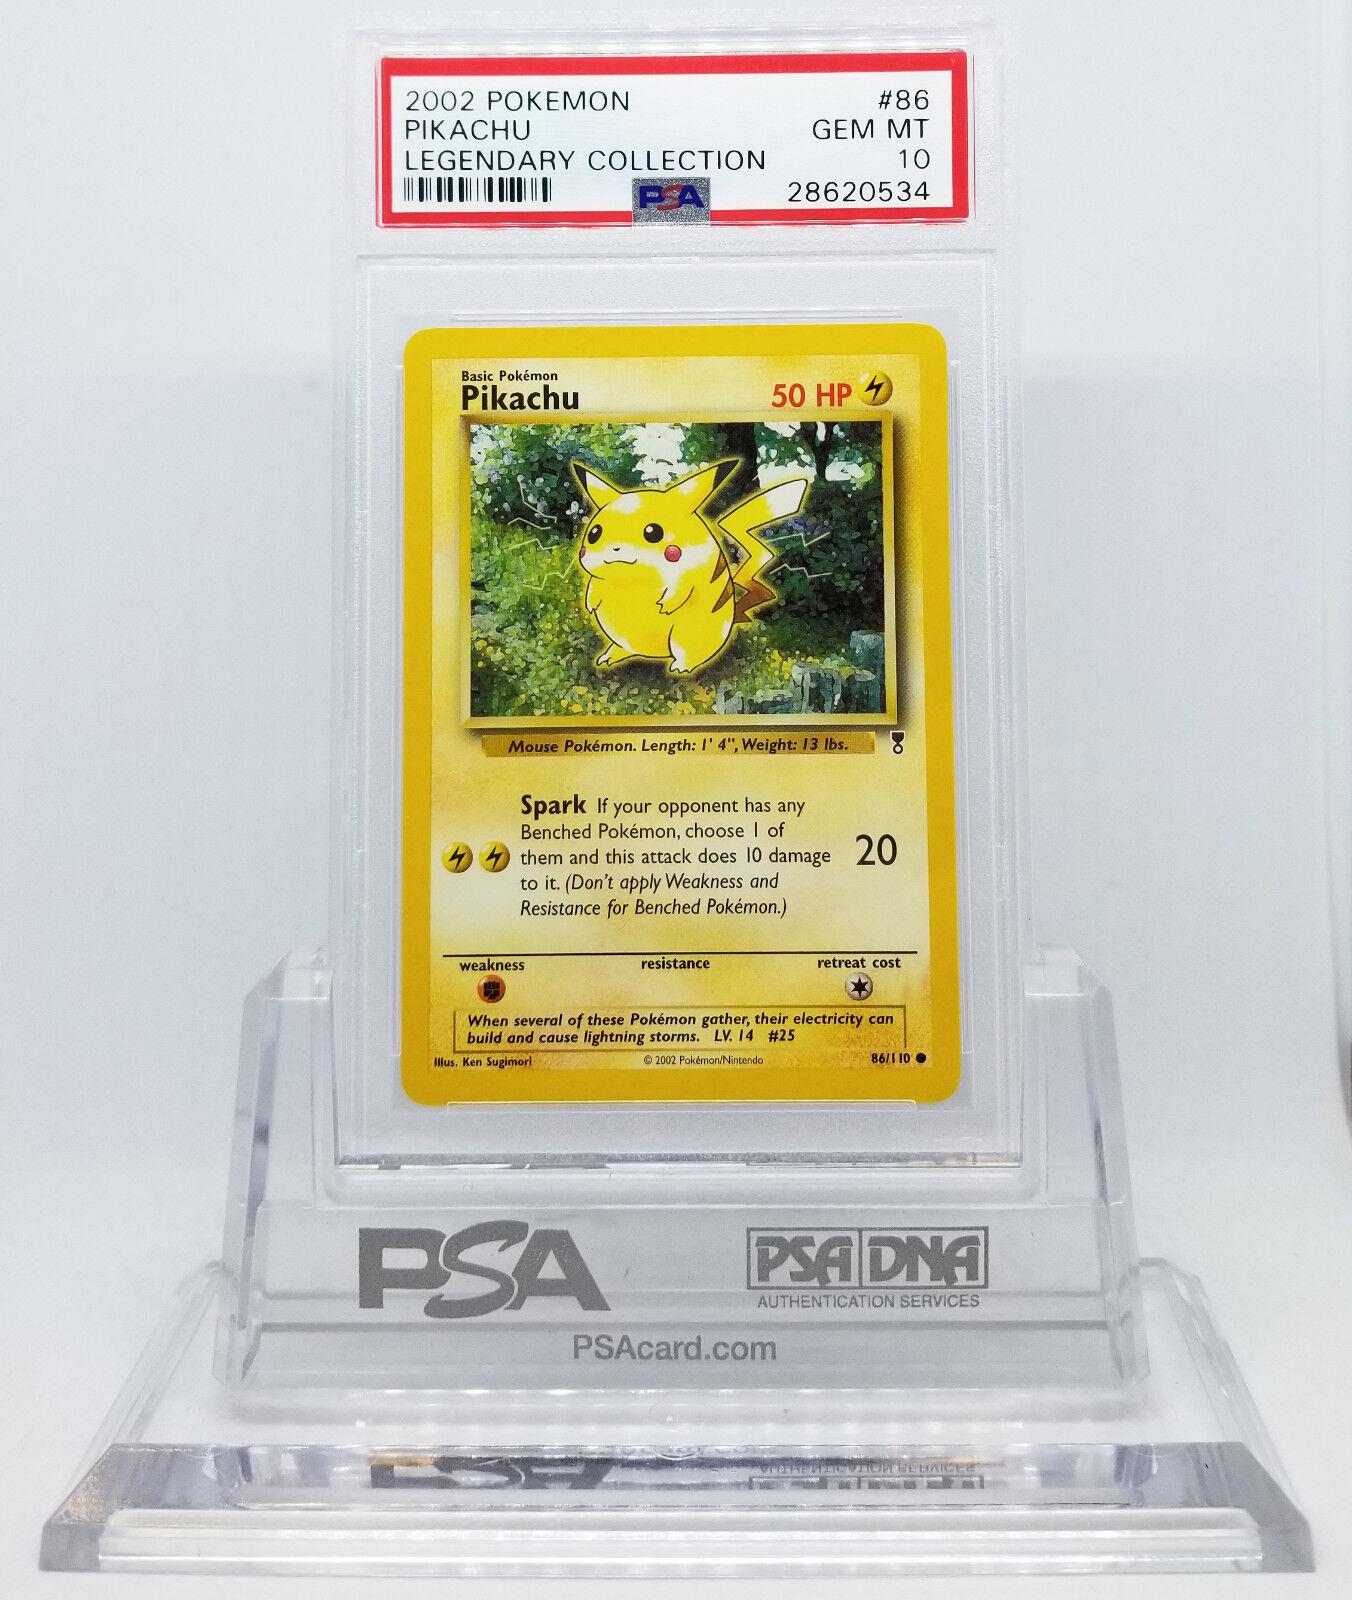 Pokémon legendario picacho PSA 10 piedras preciosas menta 35 veces veces veces f58